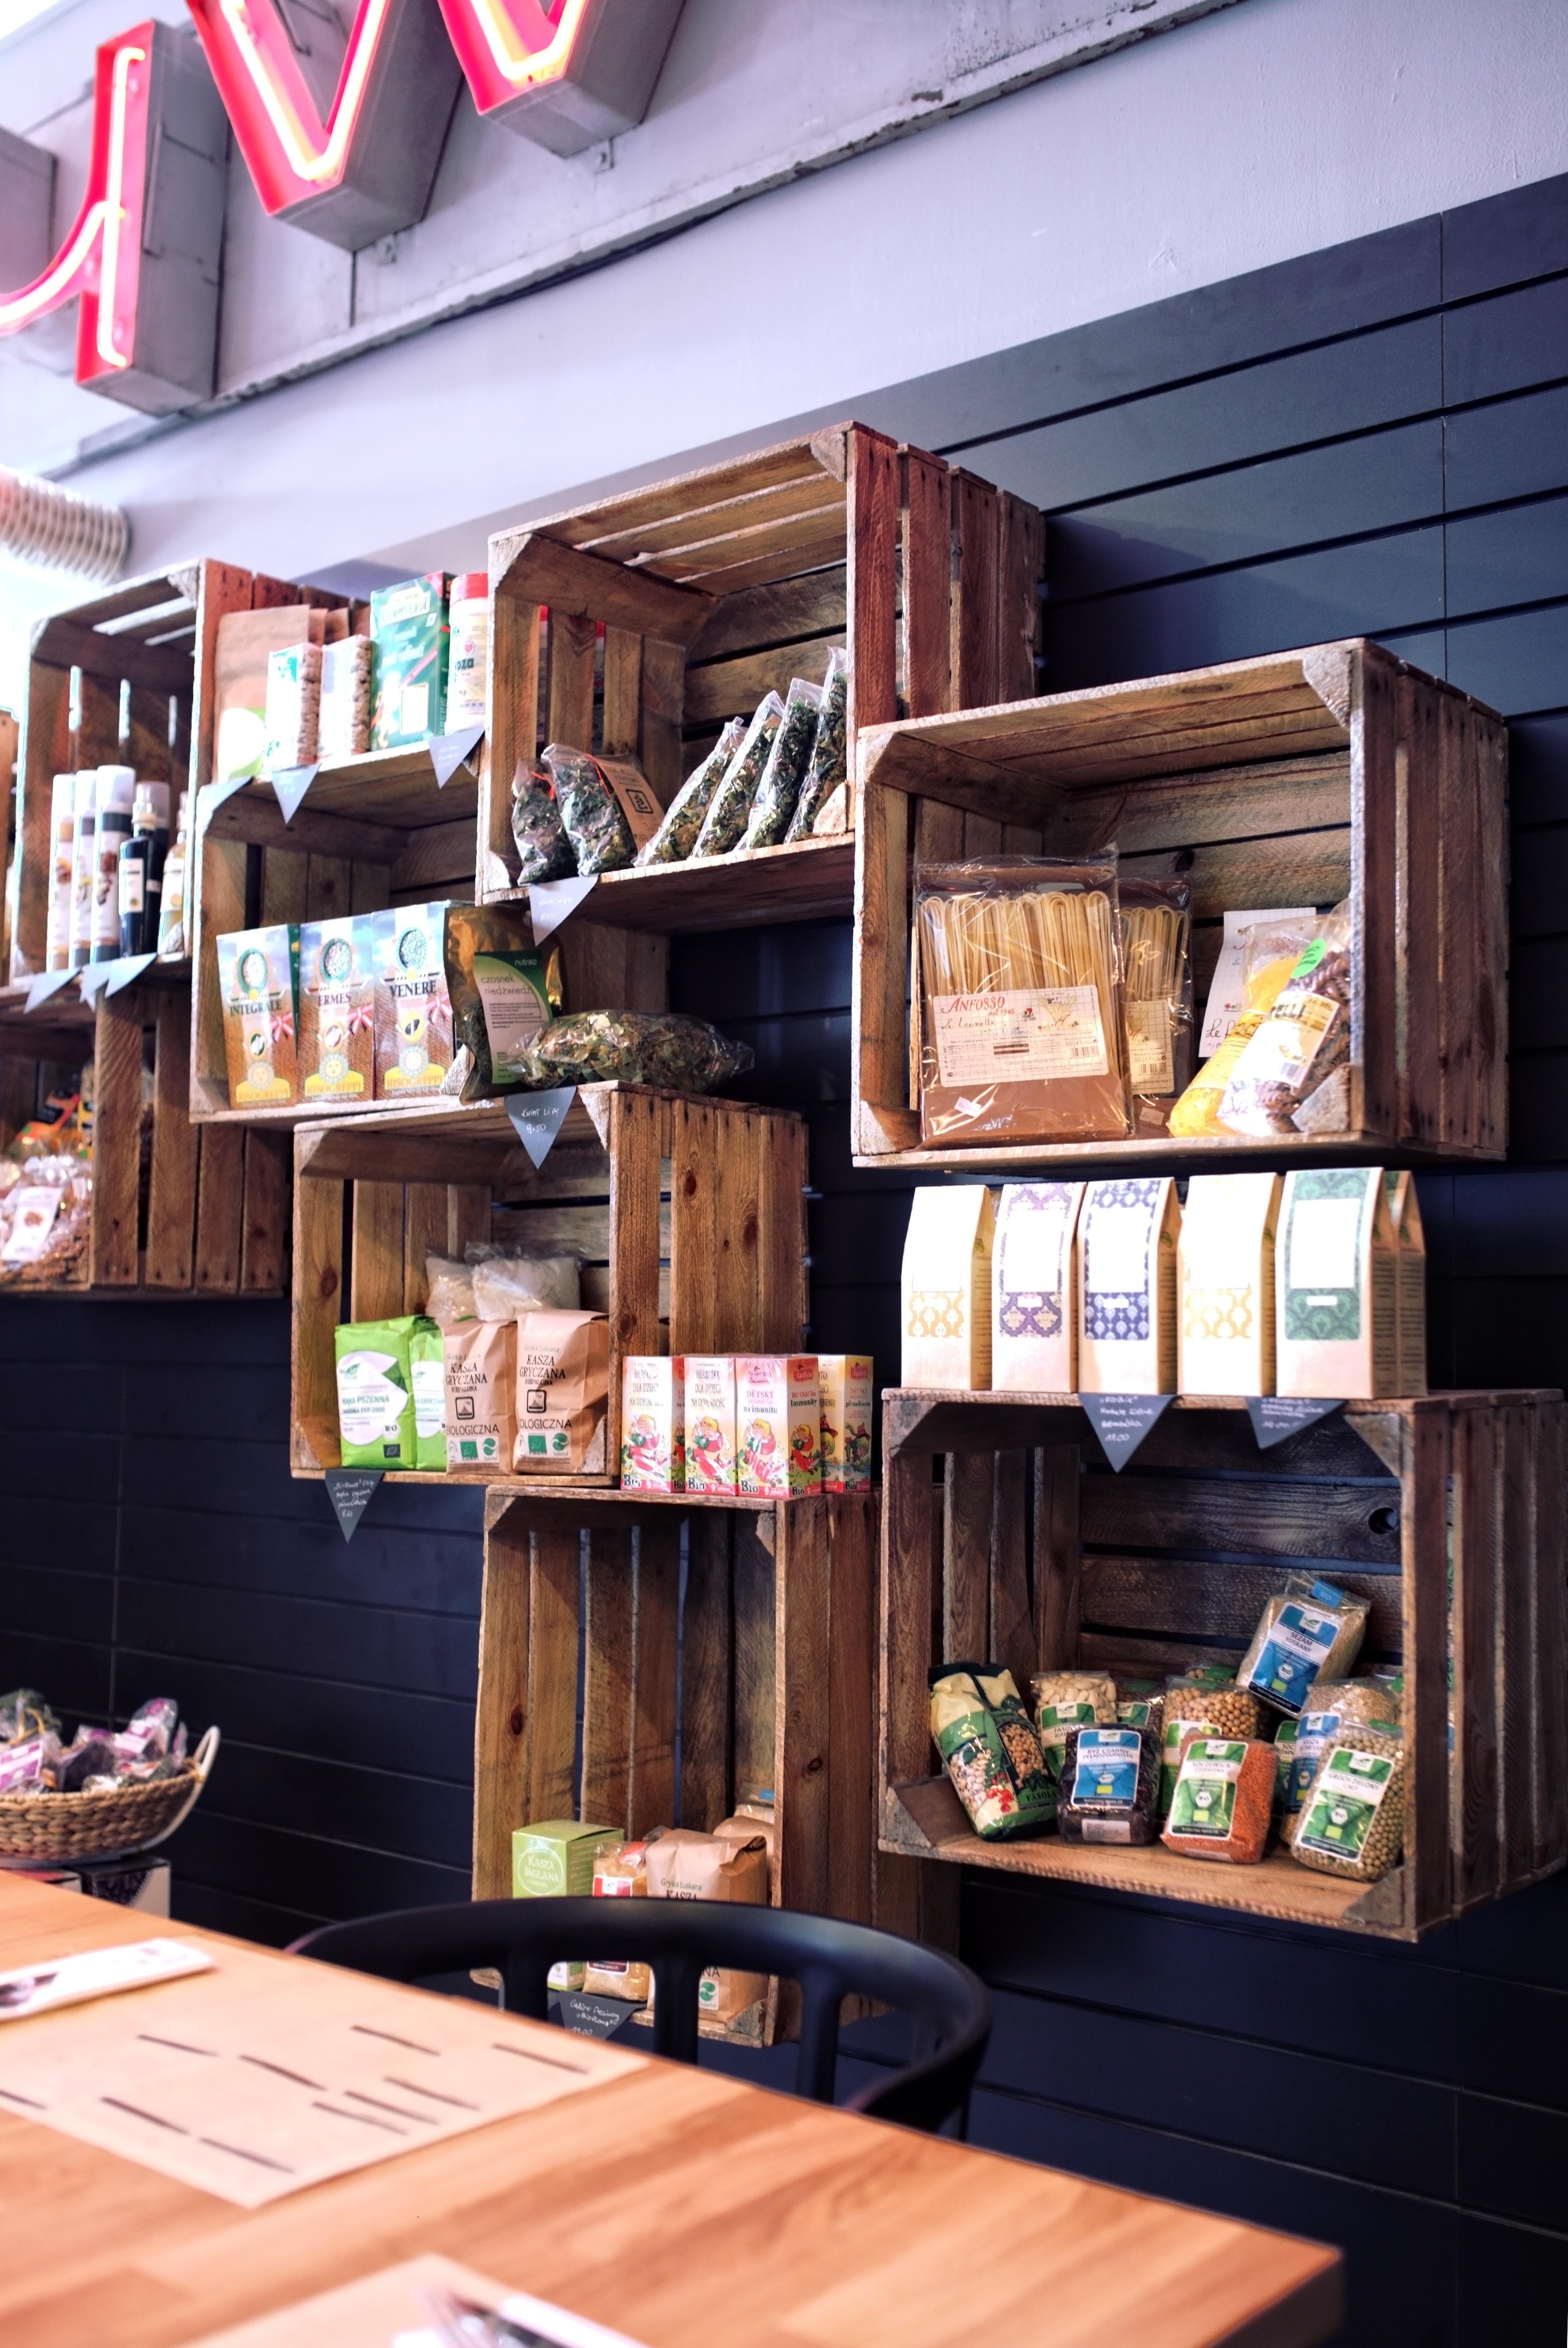 Free Images Wood Vintage Home Shelf Market Living